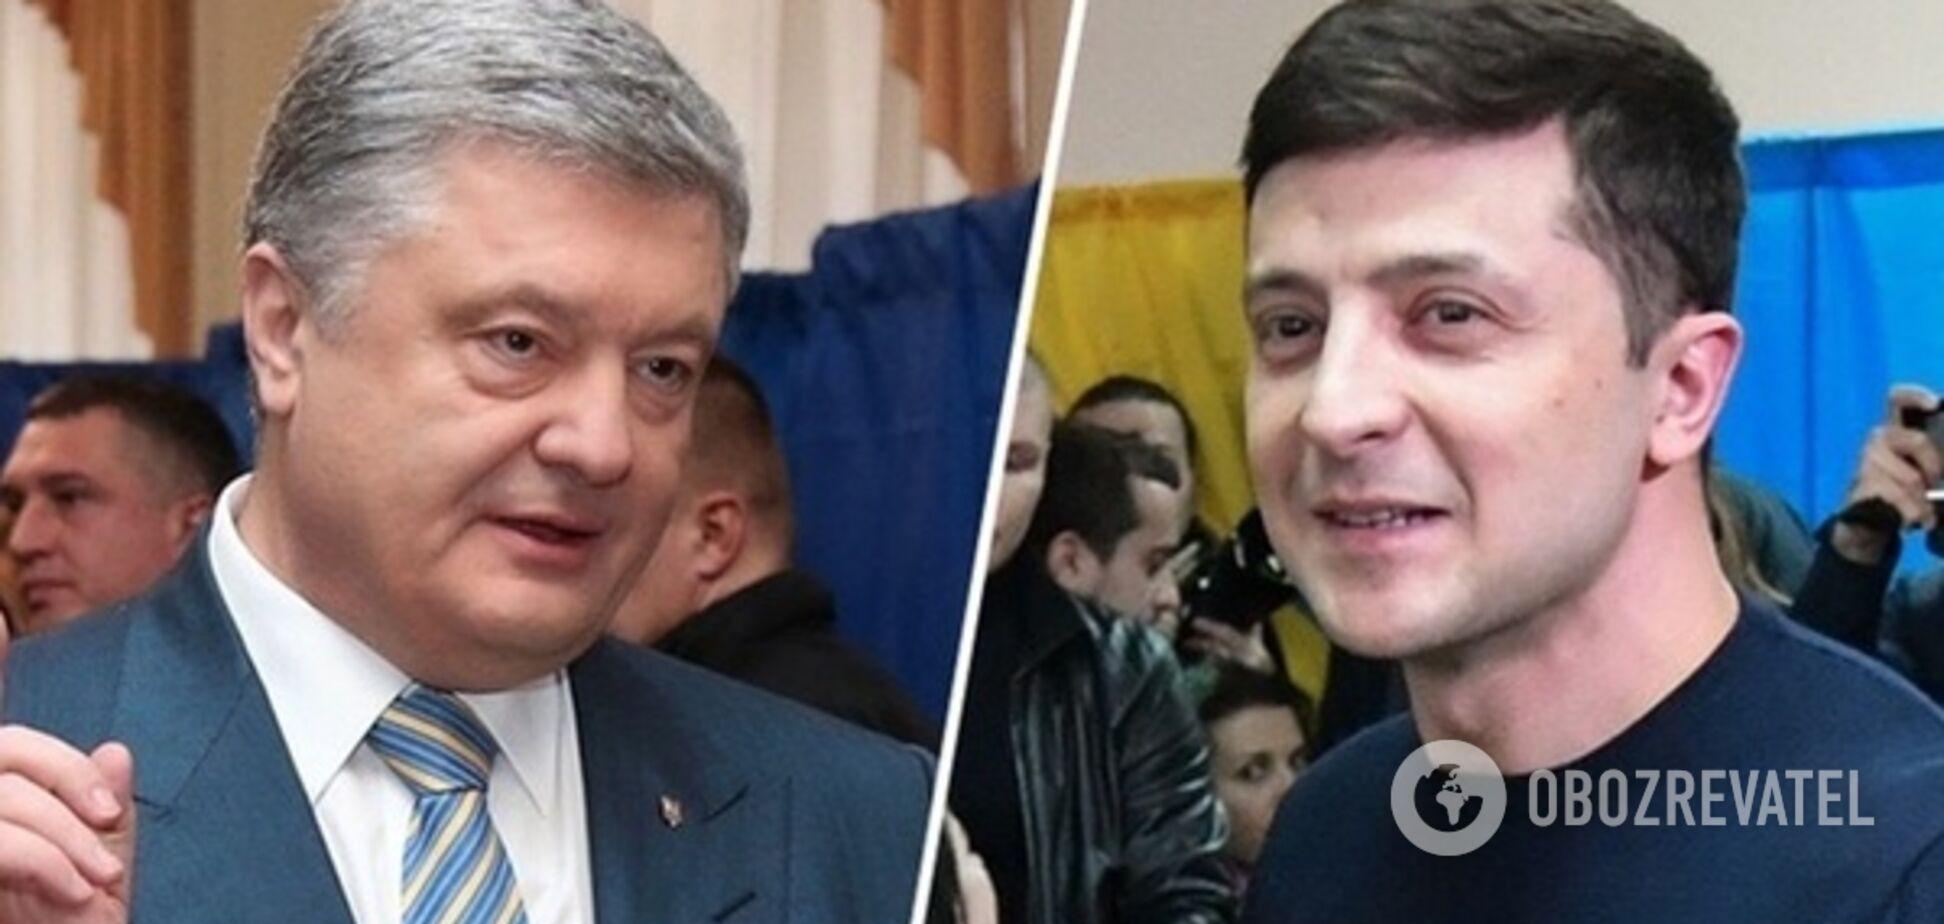 'Дурдом-шоу': социолог пристыдила Зеленского и Порошенко